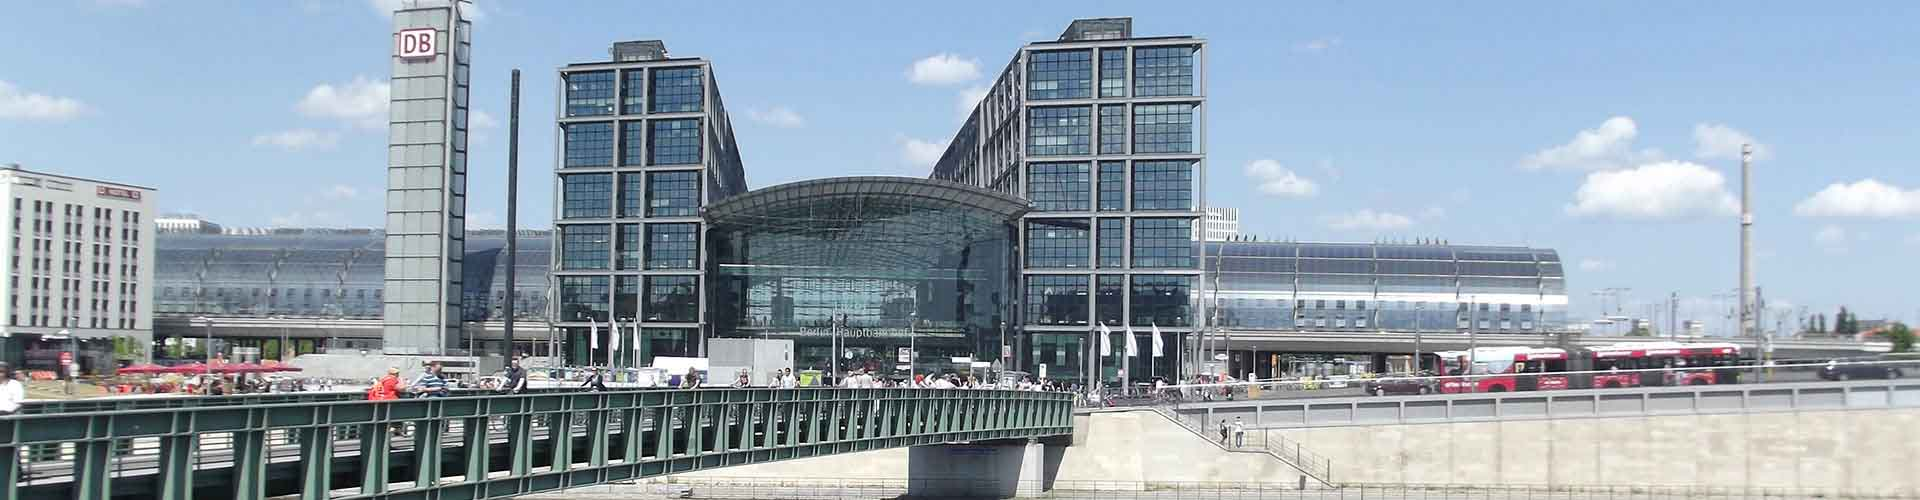 Berlin - Chambres près de Gare Est de Berlin. Cartes pour Berlin, photos et commentaires pour chaque chambre à Berlin.